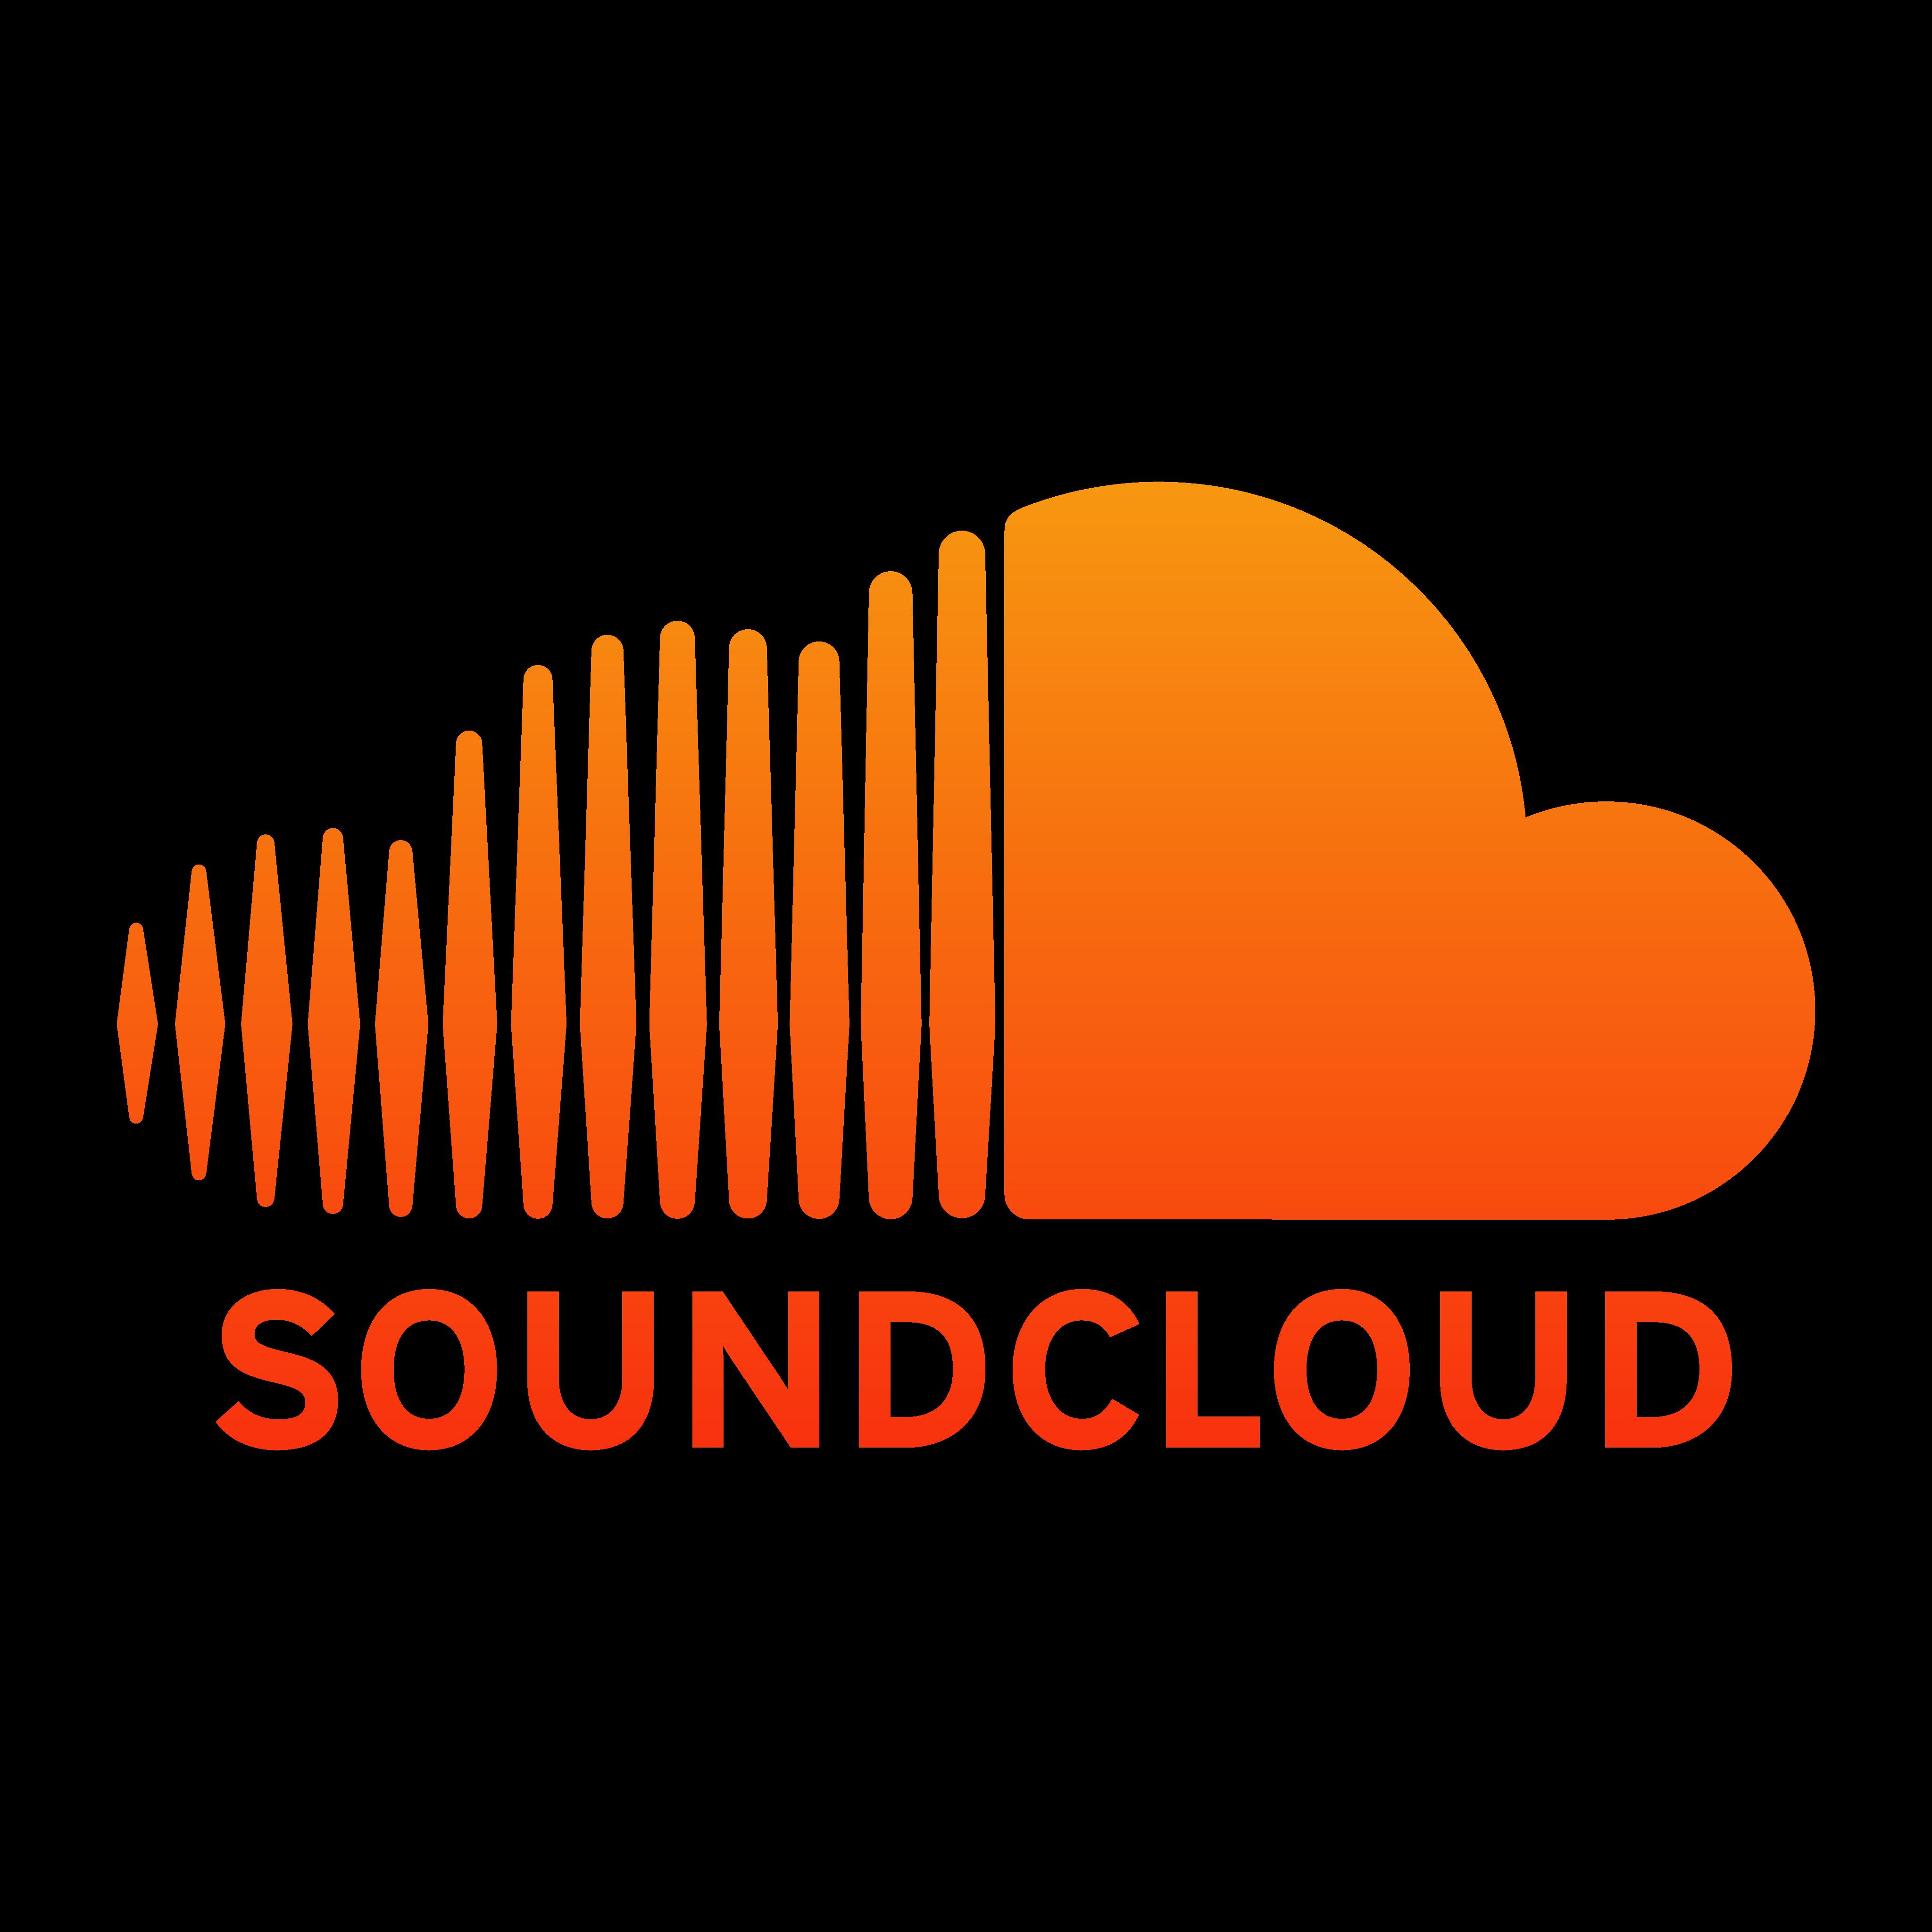 Soundclound